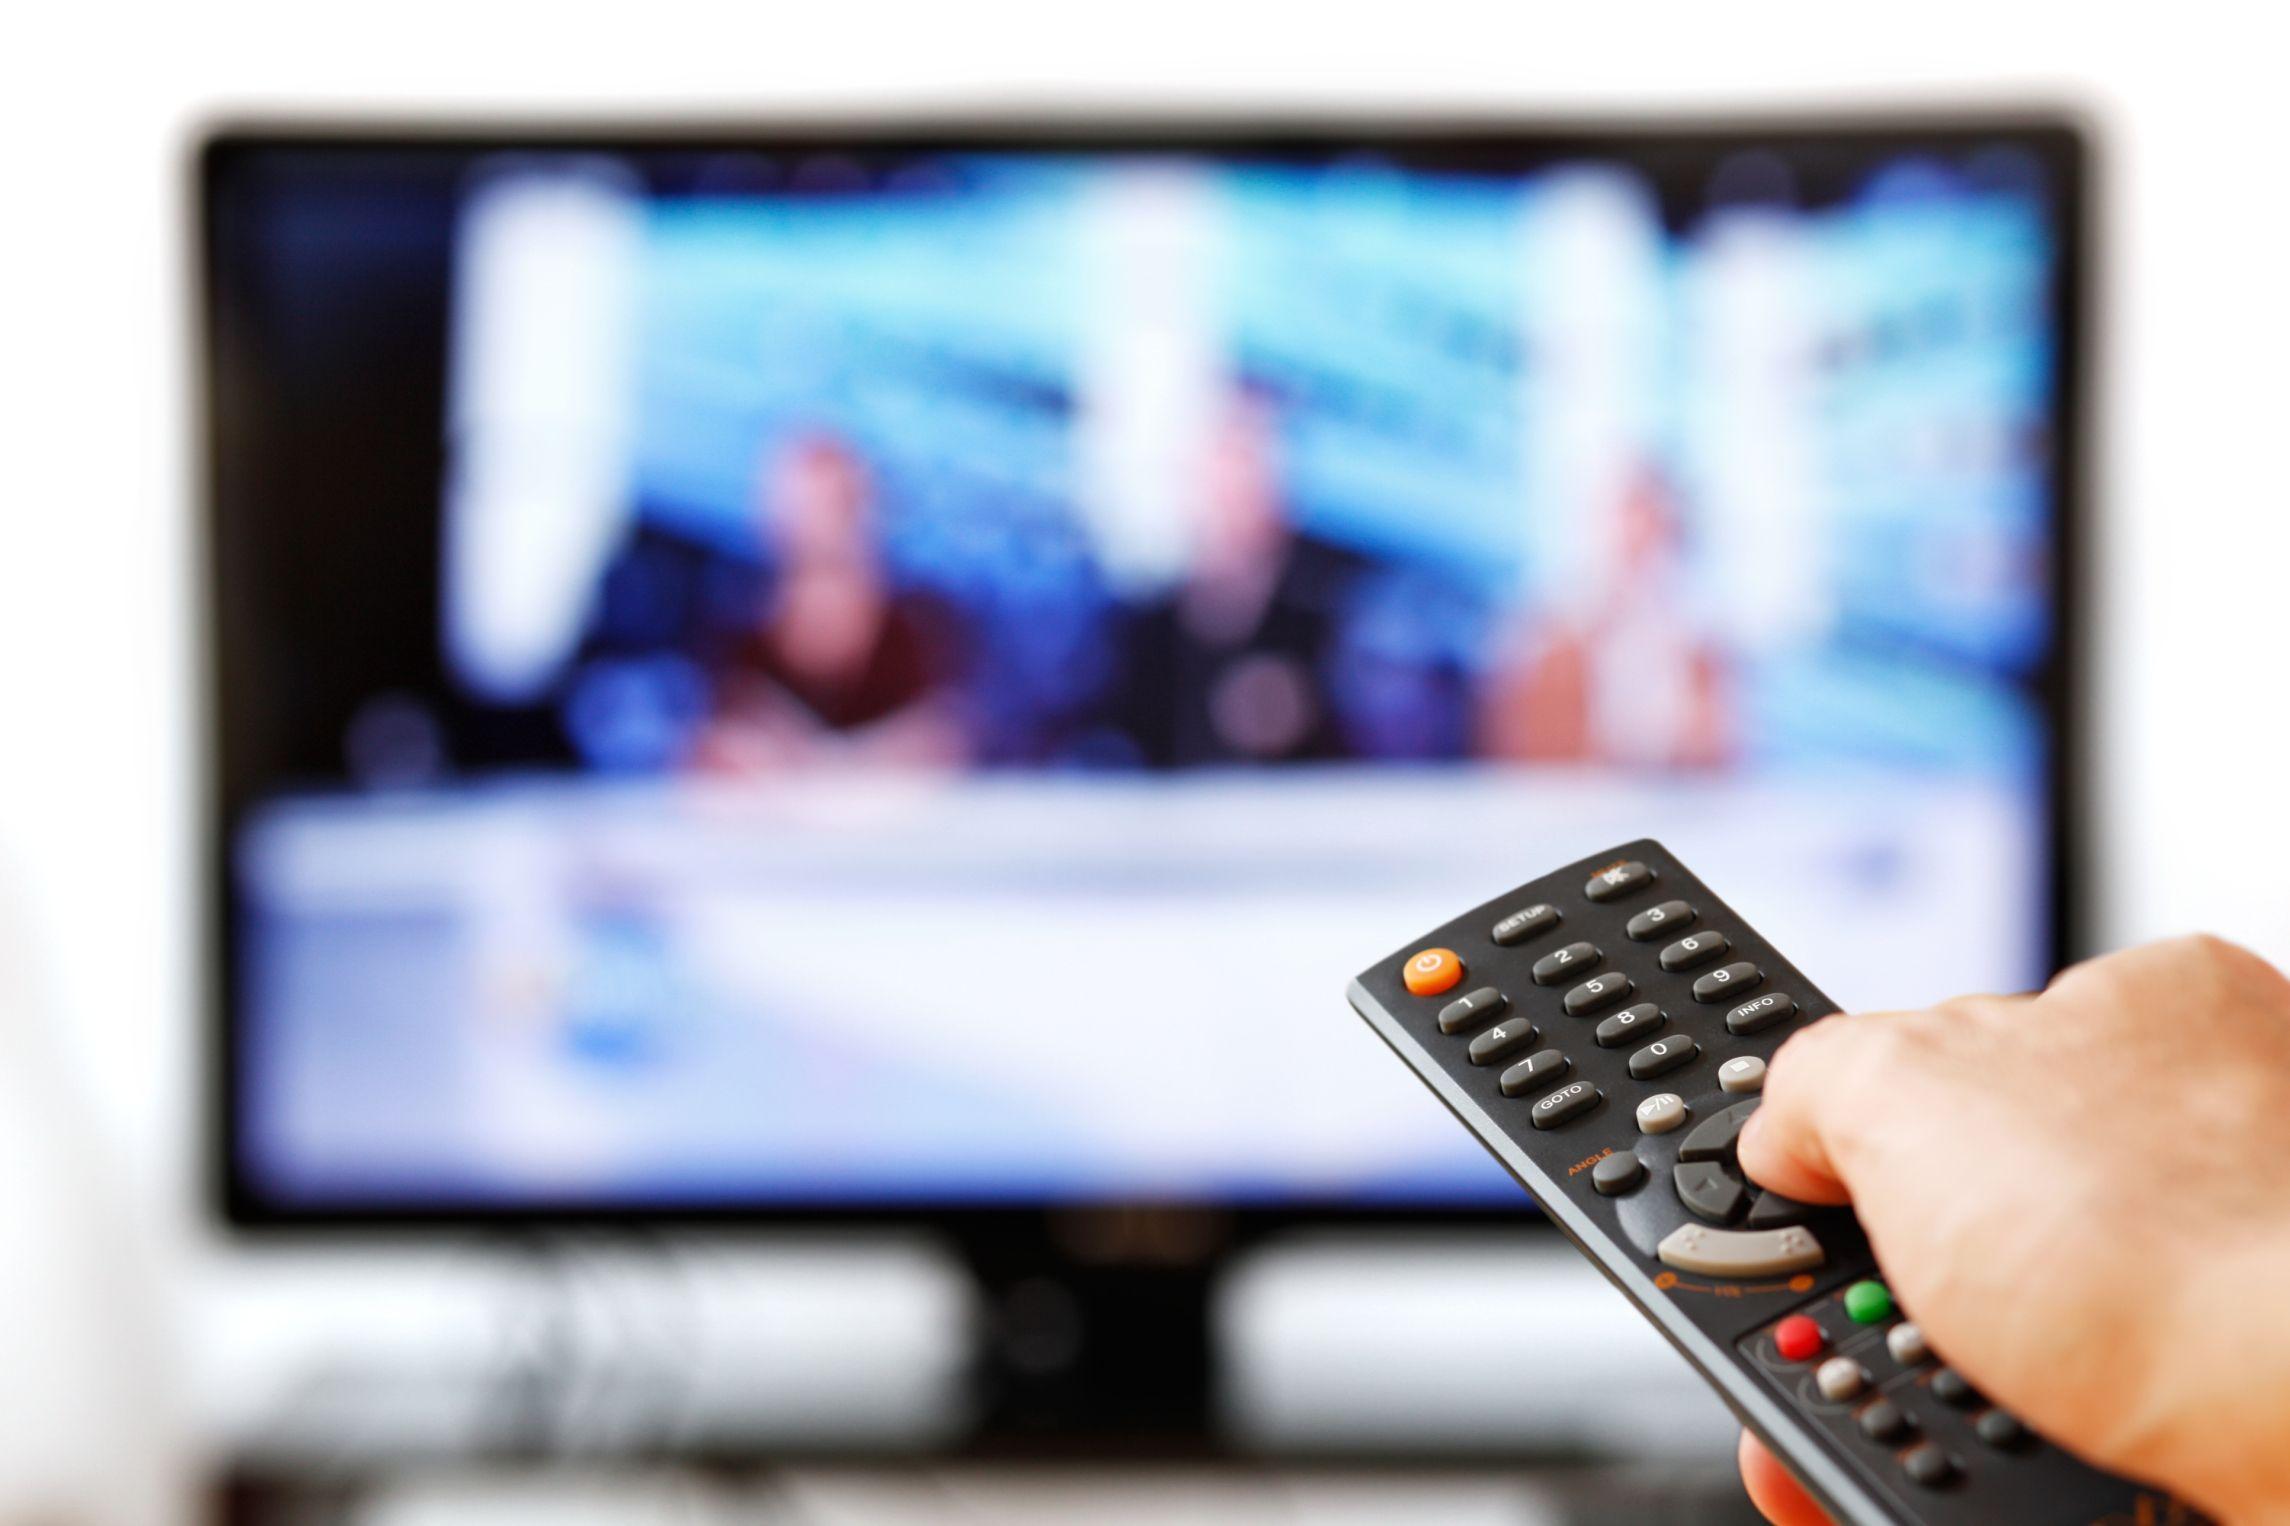 Потрібна якісна реклама на ТВ (Україна)? Звертайтеся в «A&P»